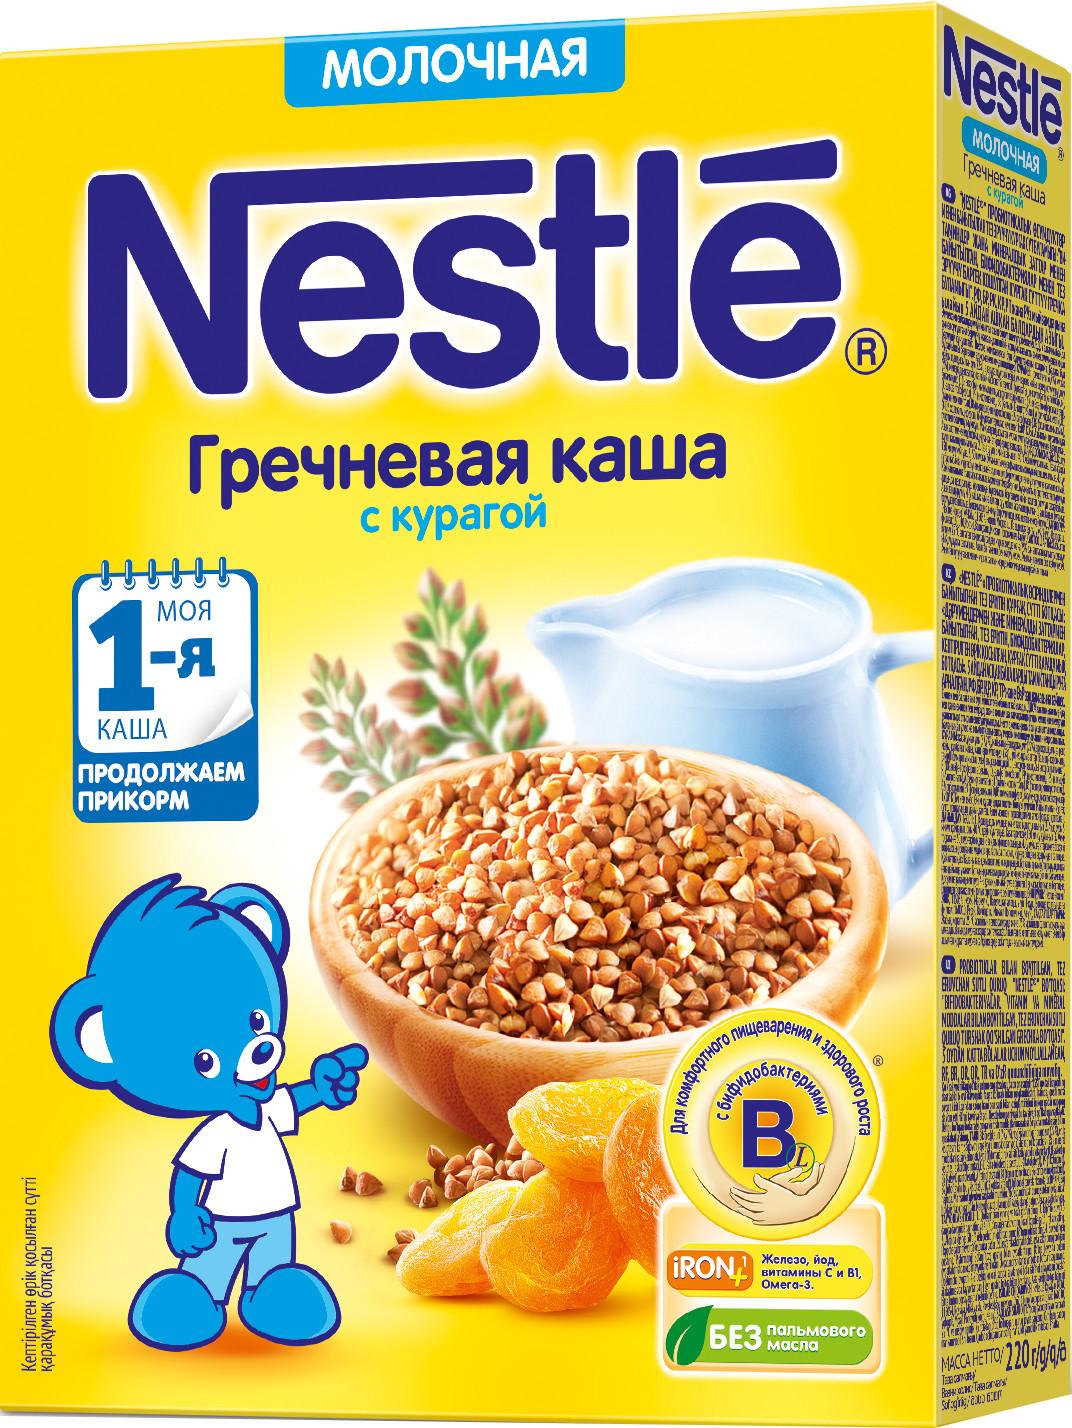 Каши Nestle Каша молочная Nestle гречневая с курагой с 5 мес. 220 г каши nestle каша безмолочная nestle гречневая гипоаллергенная с 4 мес 160 г